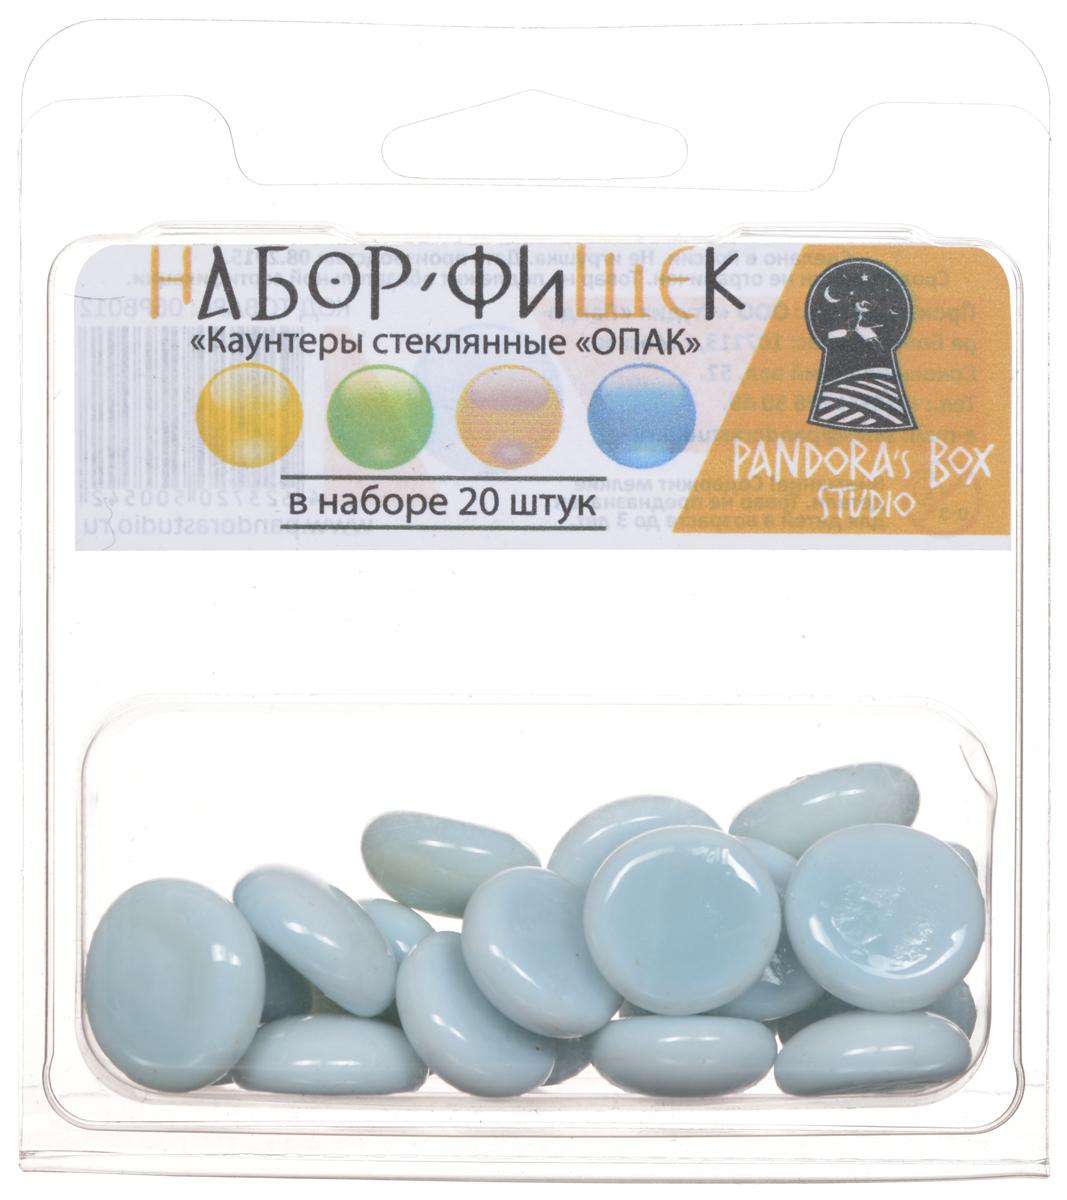 Pandora's Box Набор фишек Каунтеры стеклянные ОПАК цвет бело-голубой 20 шт